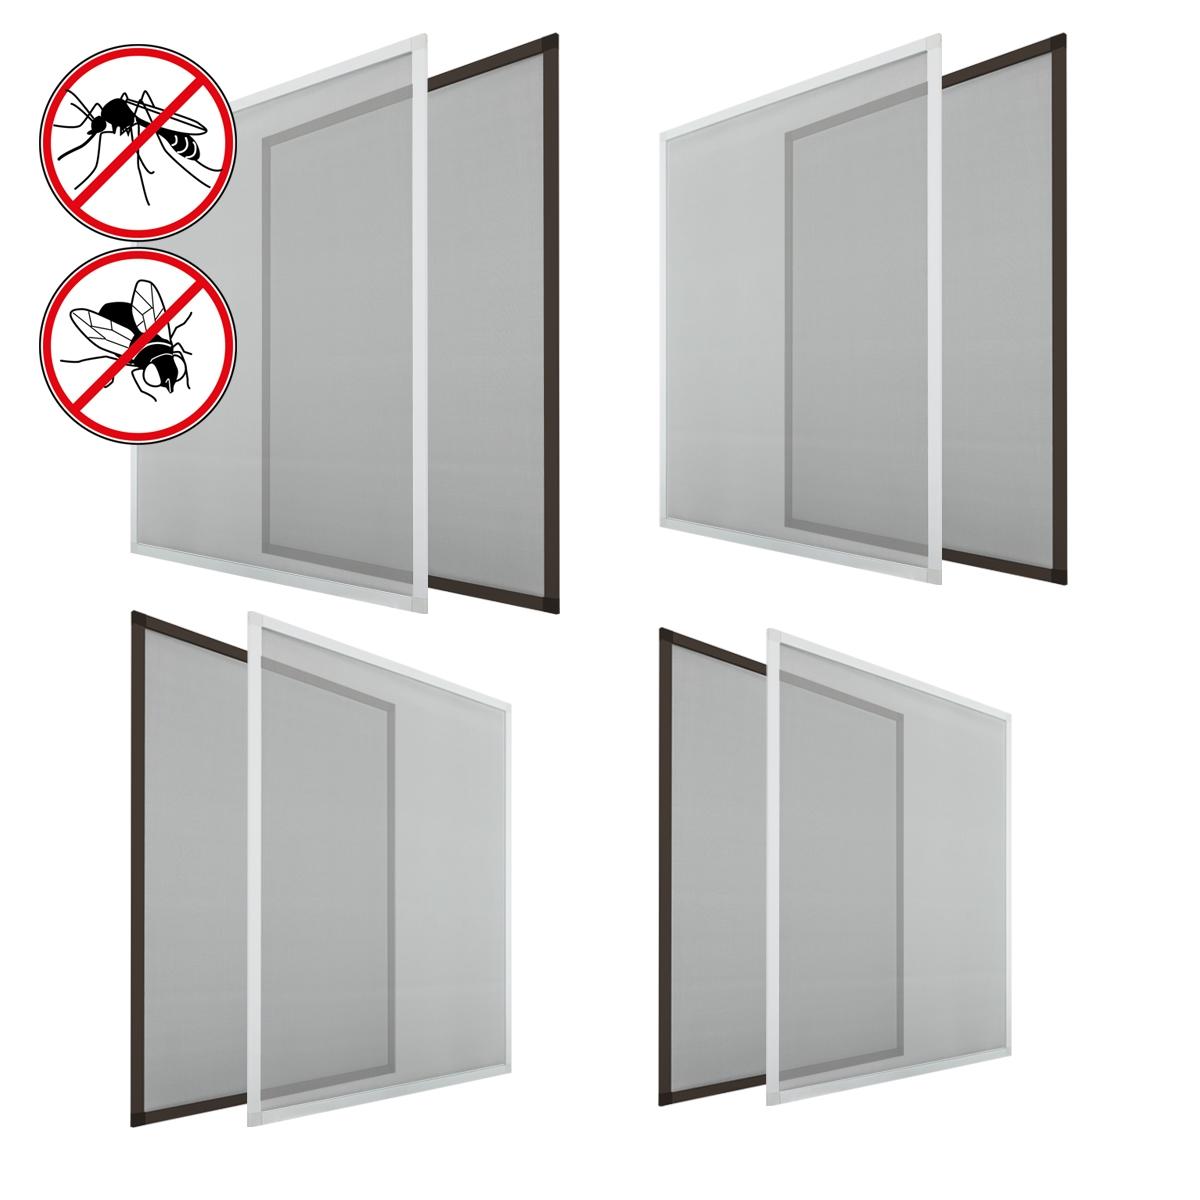 Zanzariera con telaio in alluminio varie dimensioni e colori per finestre porte ebay - Tagliare vetro finestra ...